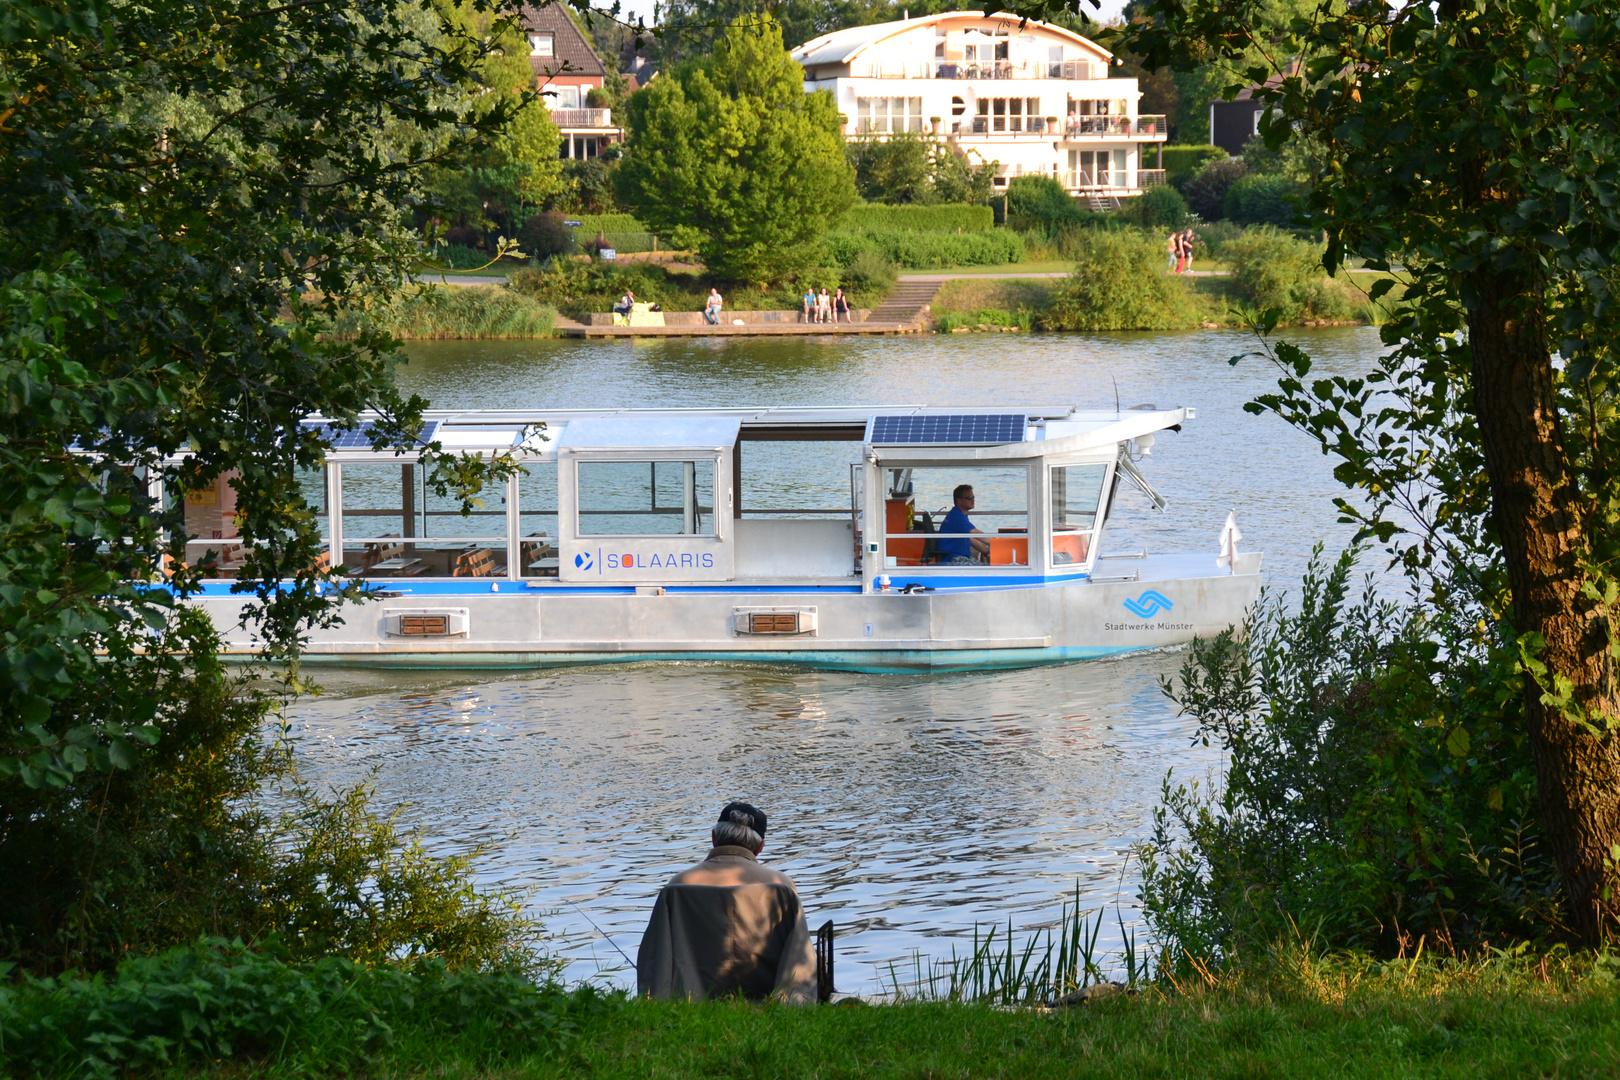 Solaaris, das neue Solarschiff auf dem Aasee in Münster